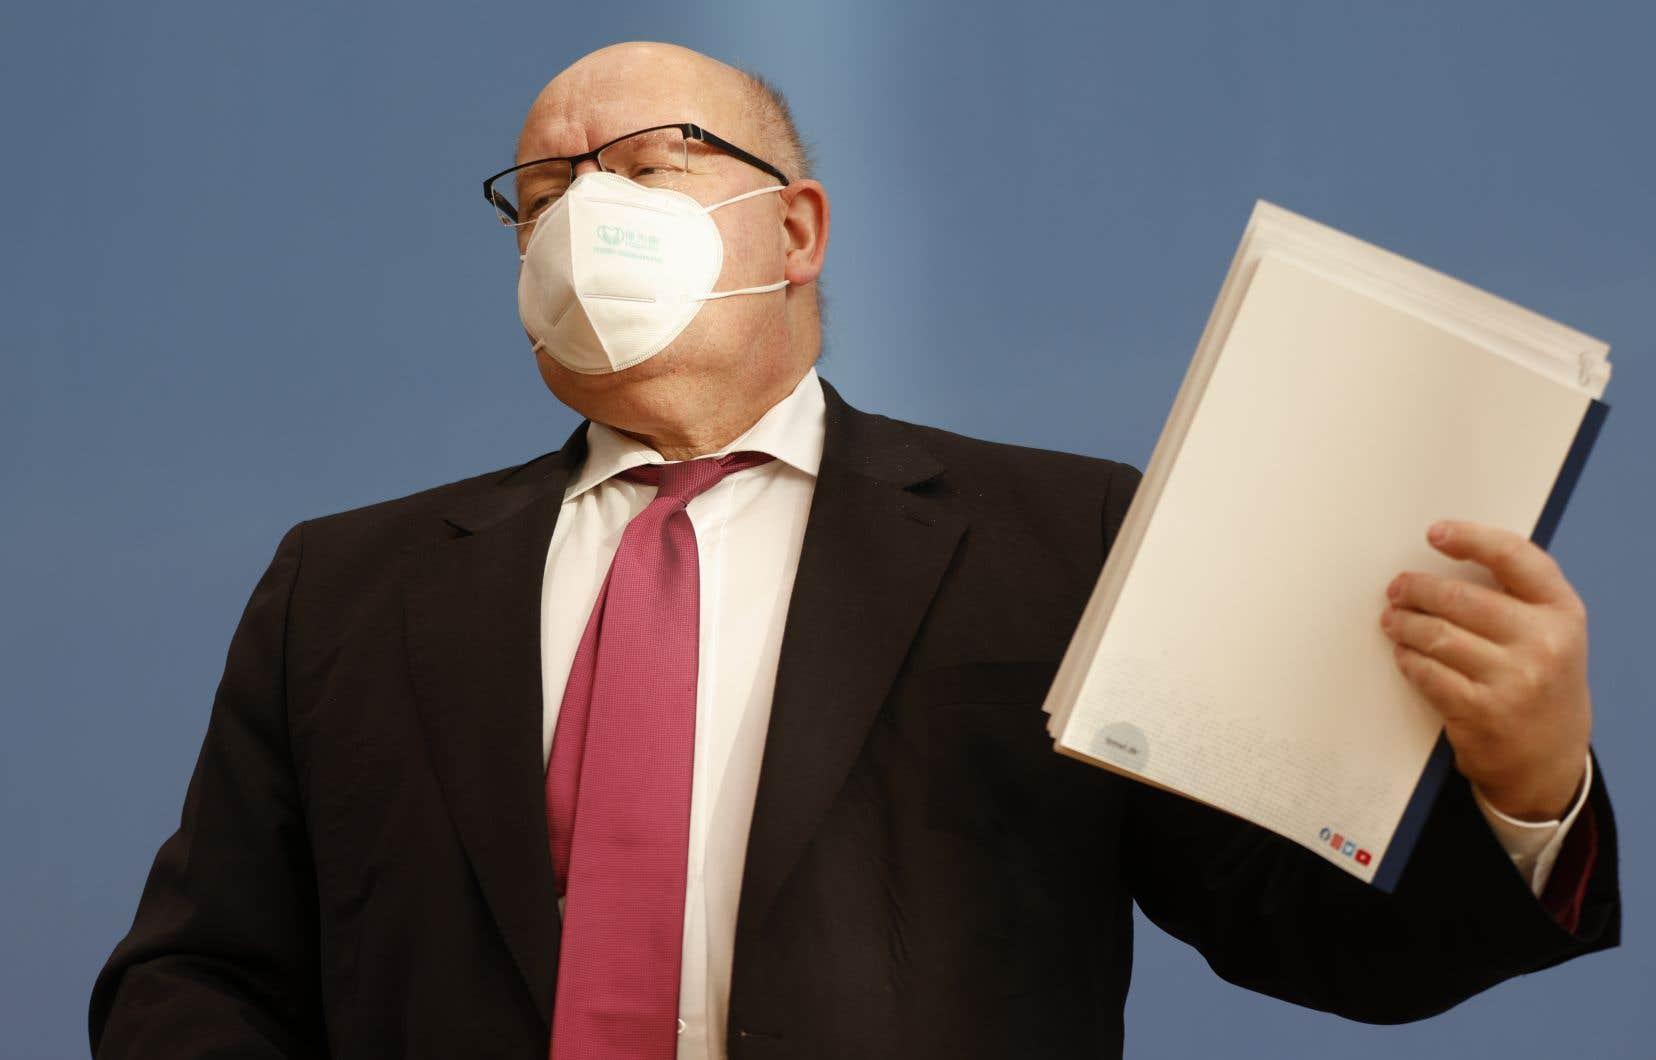 «S'il s'avère que des entreprises n'ont pas respecté leurs obligations, nous devrons décider de conséquences judiciaires», a menacé le ministre allemand de l'Économie, Peter Altmaier.